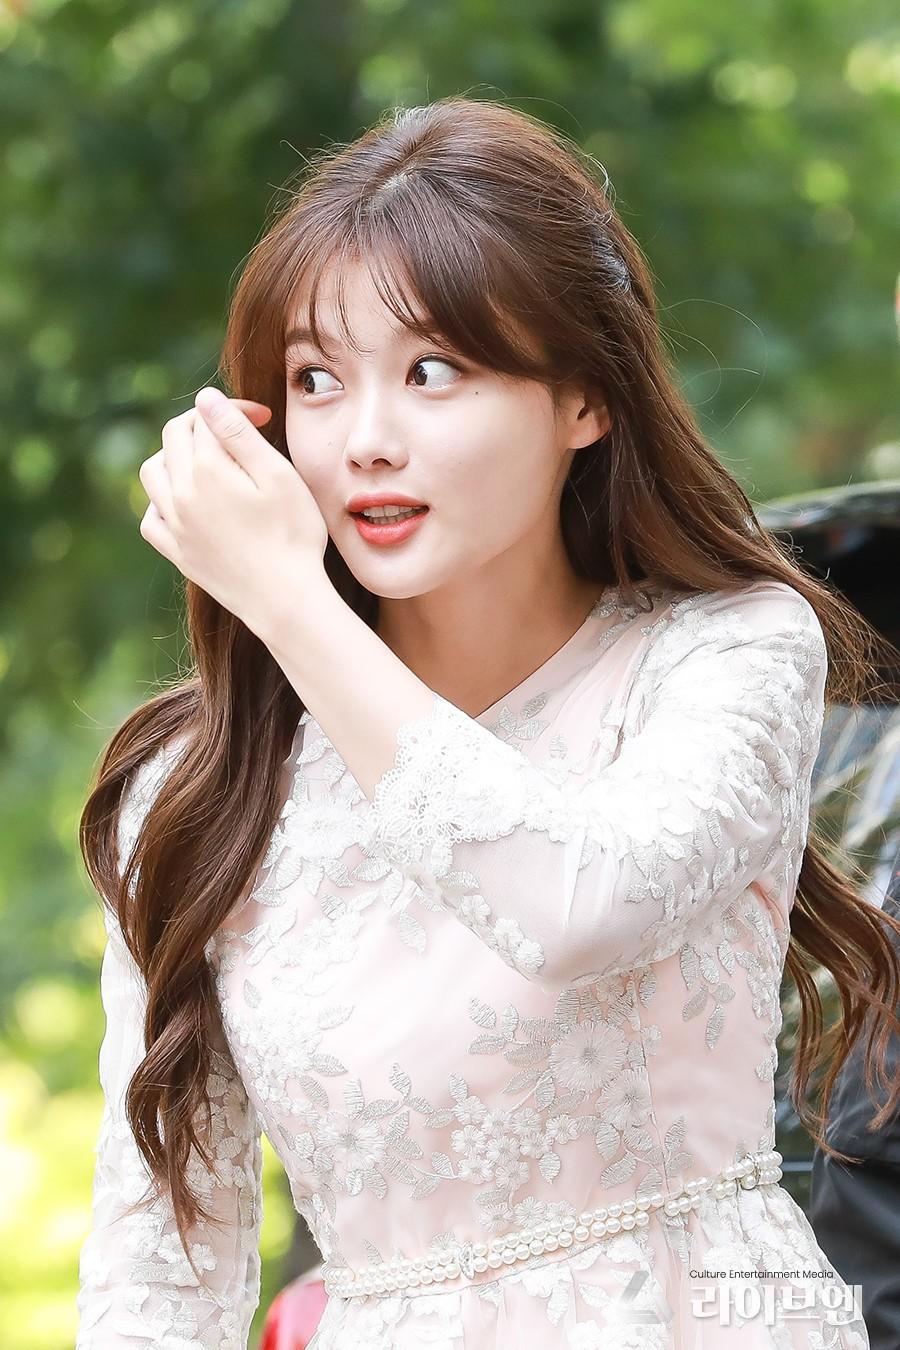 Kim Yoo Jung chính thức trở lại sau 2 năm: Xinh đến nỗi fan chỉ muốn lịm đi! - Ảnh 5.